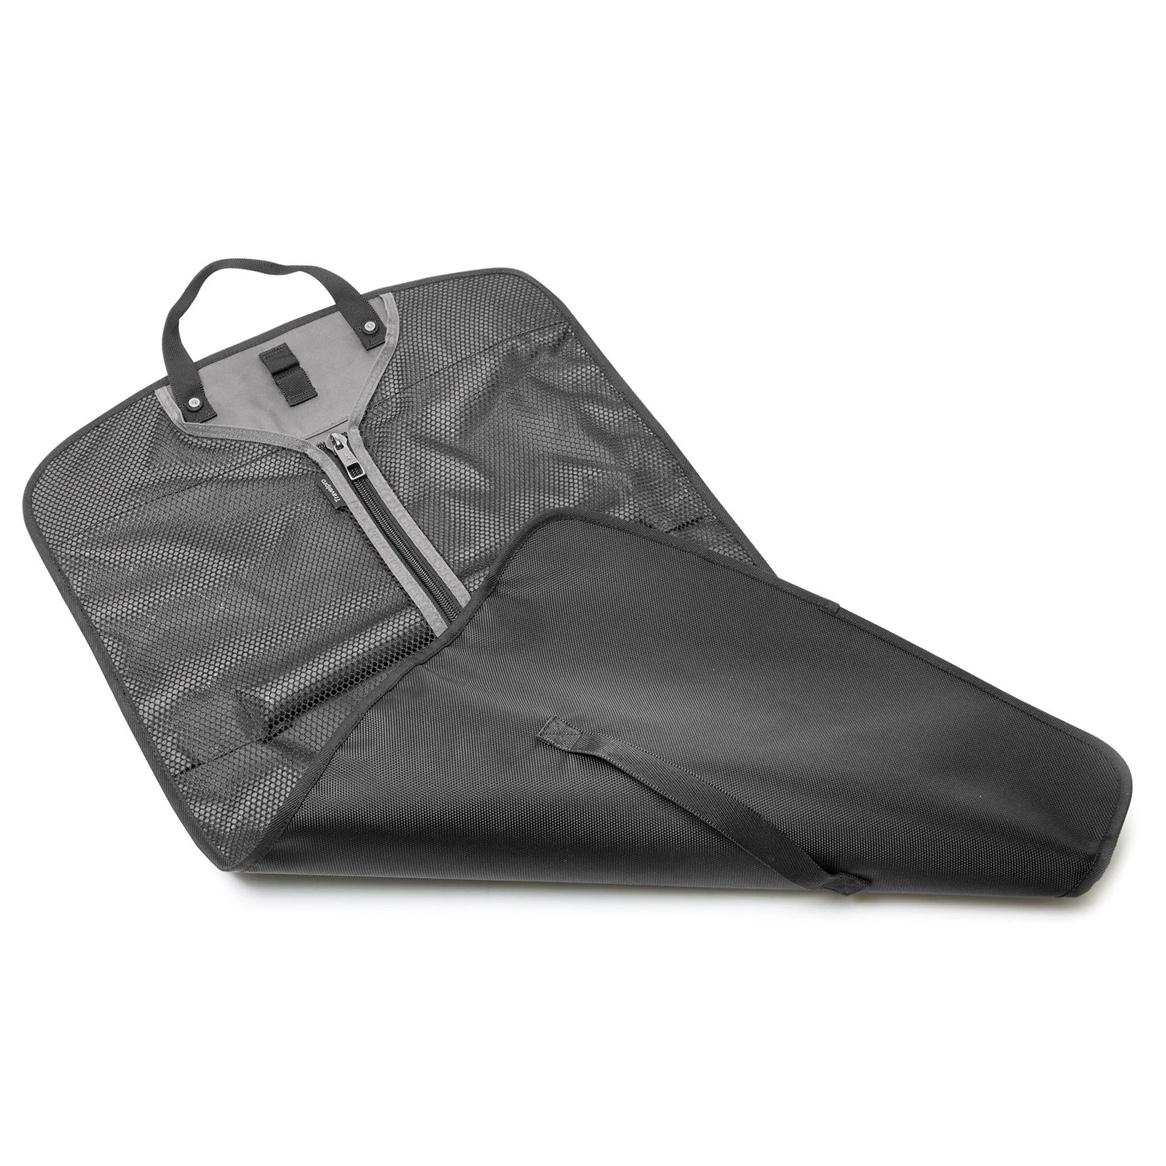 Travelpro FlightCrew5 Suiter Sleeve - MyPilotStore.com